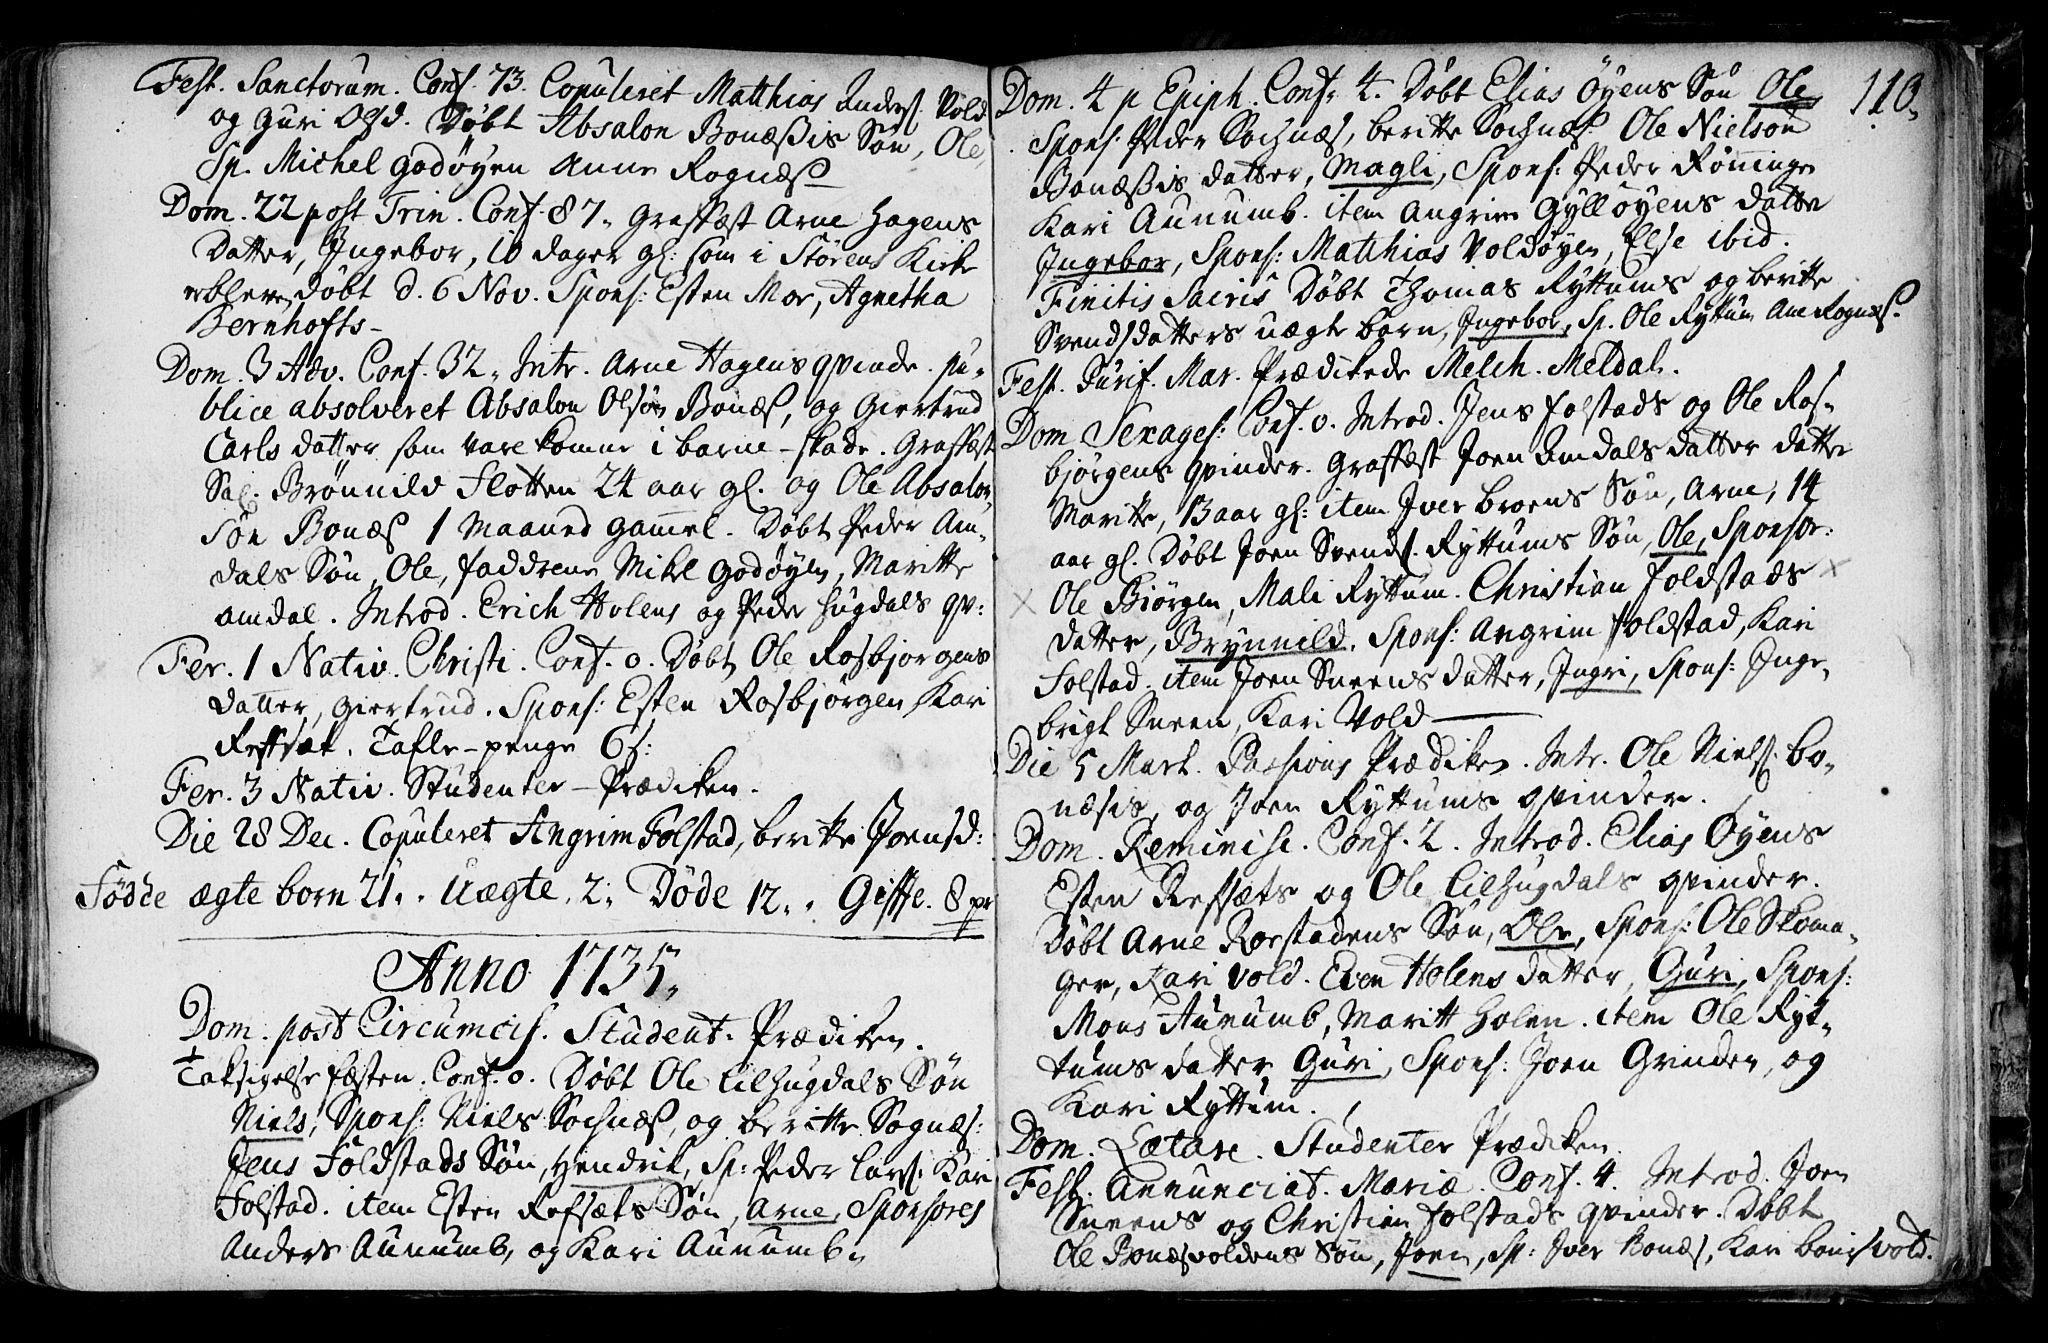 SAT, Ministerialprotokoller, klokkerbøker og fødselsregistre - Sør-Trøndelag, 687/L0990: Ministerialbok nr. 687A01, 1690-1746, s. 110